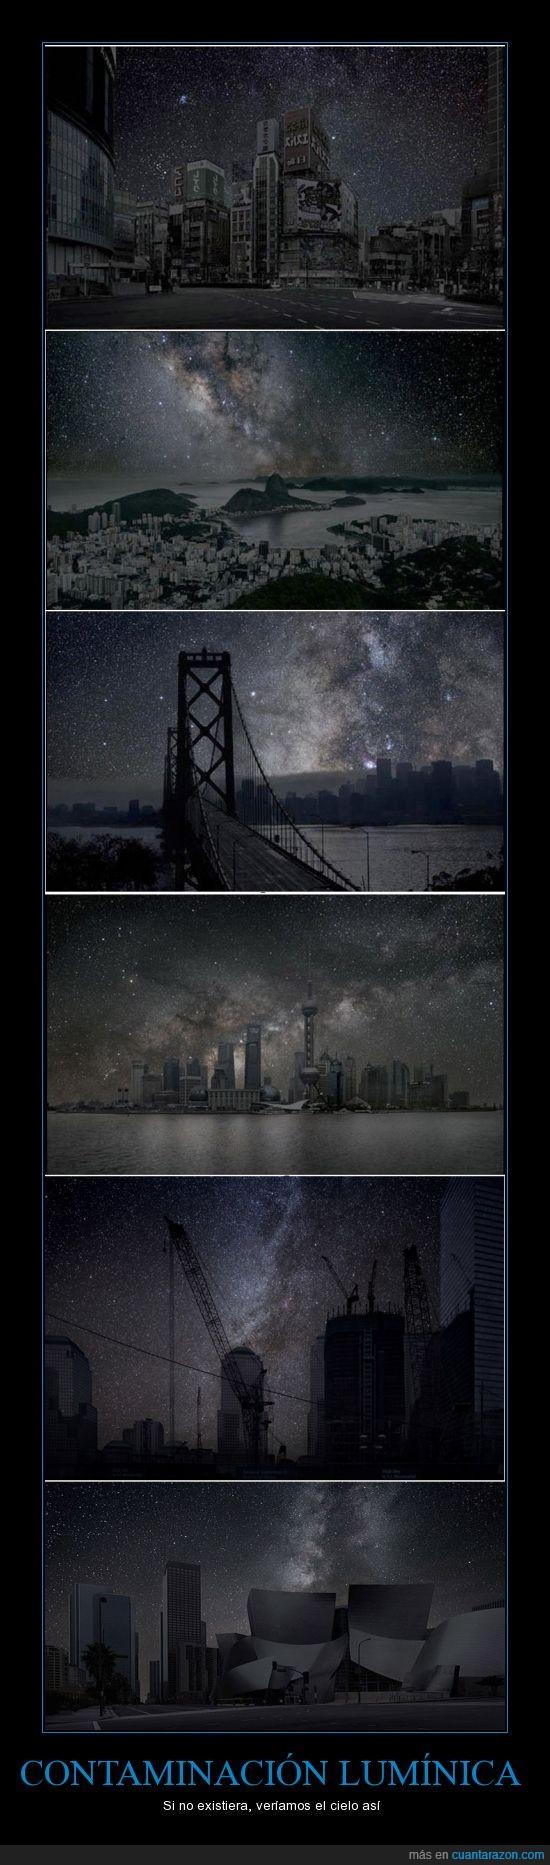 Belleza,Cielo,Ciudades,Contaminación,Contaminación lumínica,Estrellas